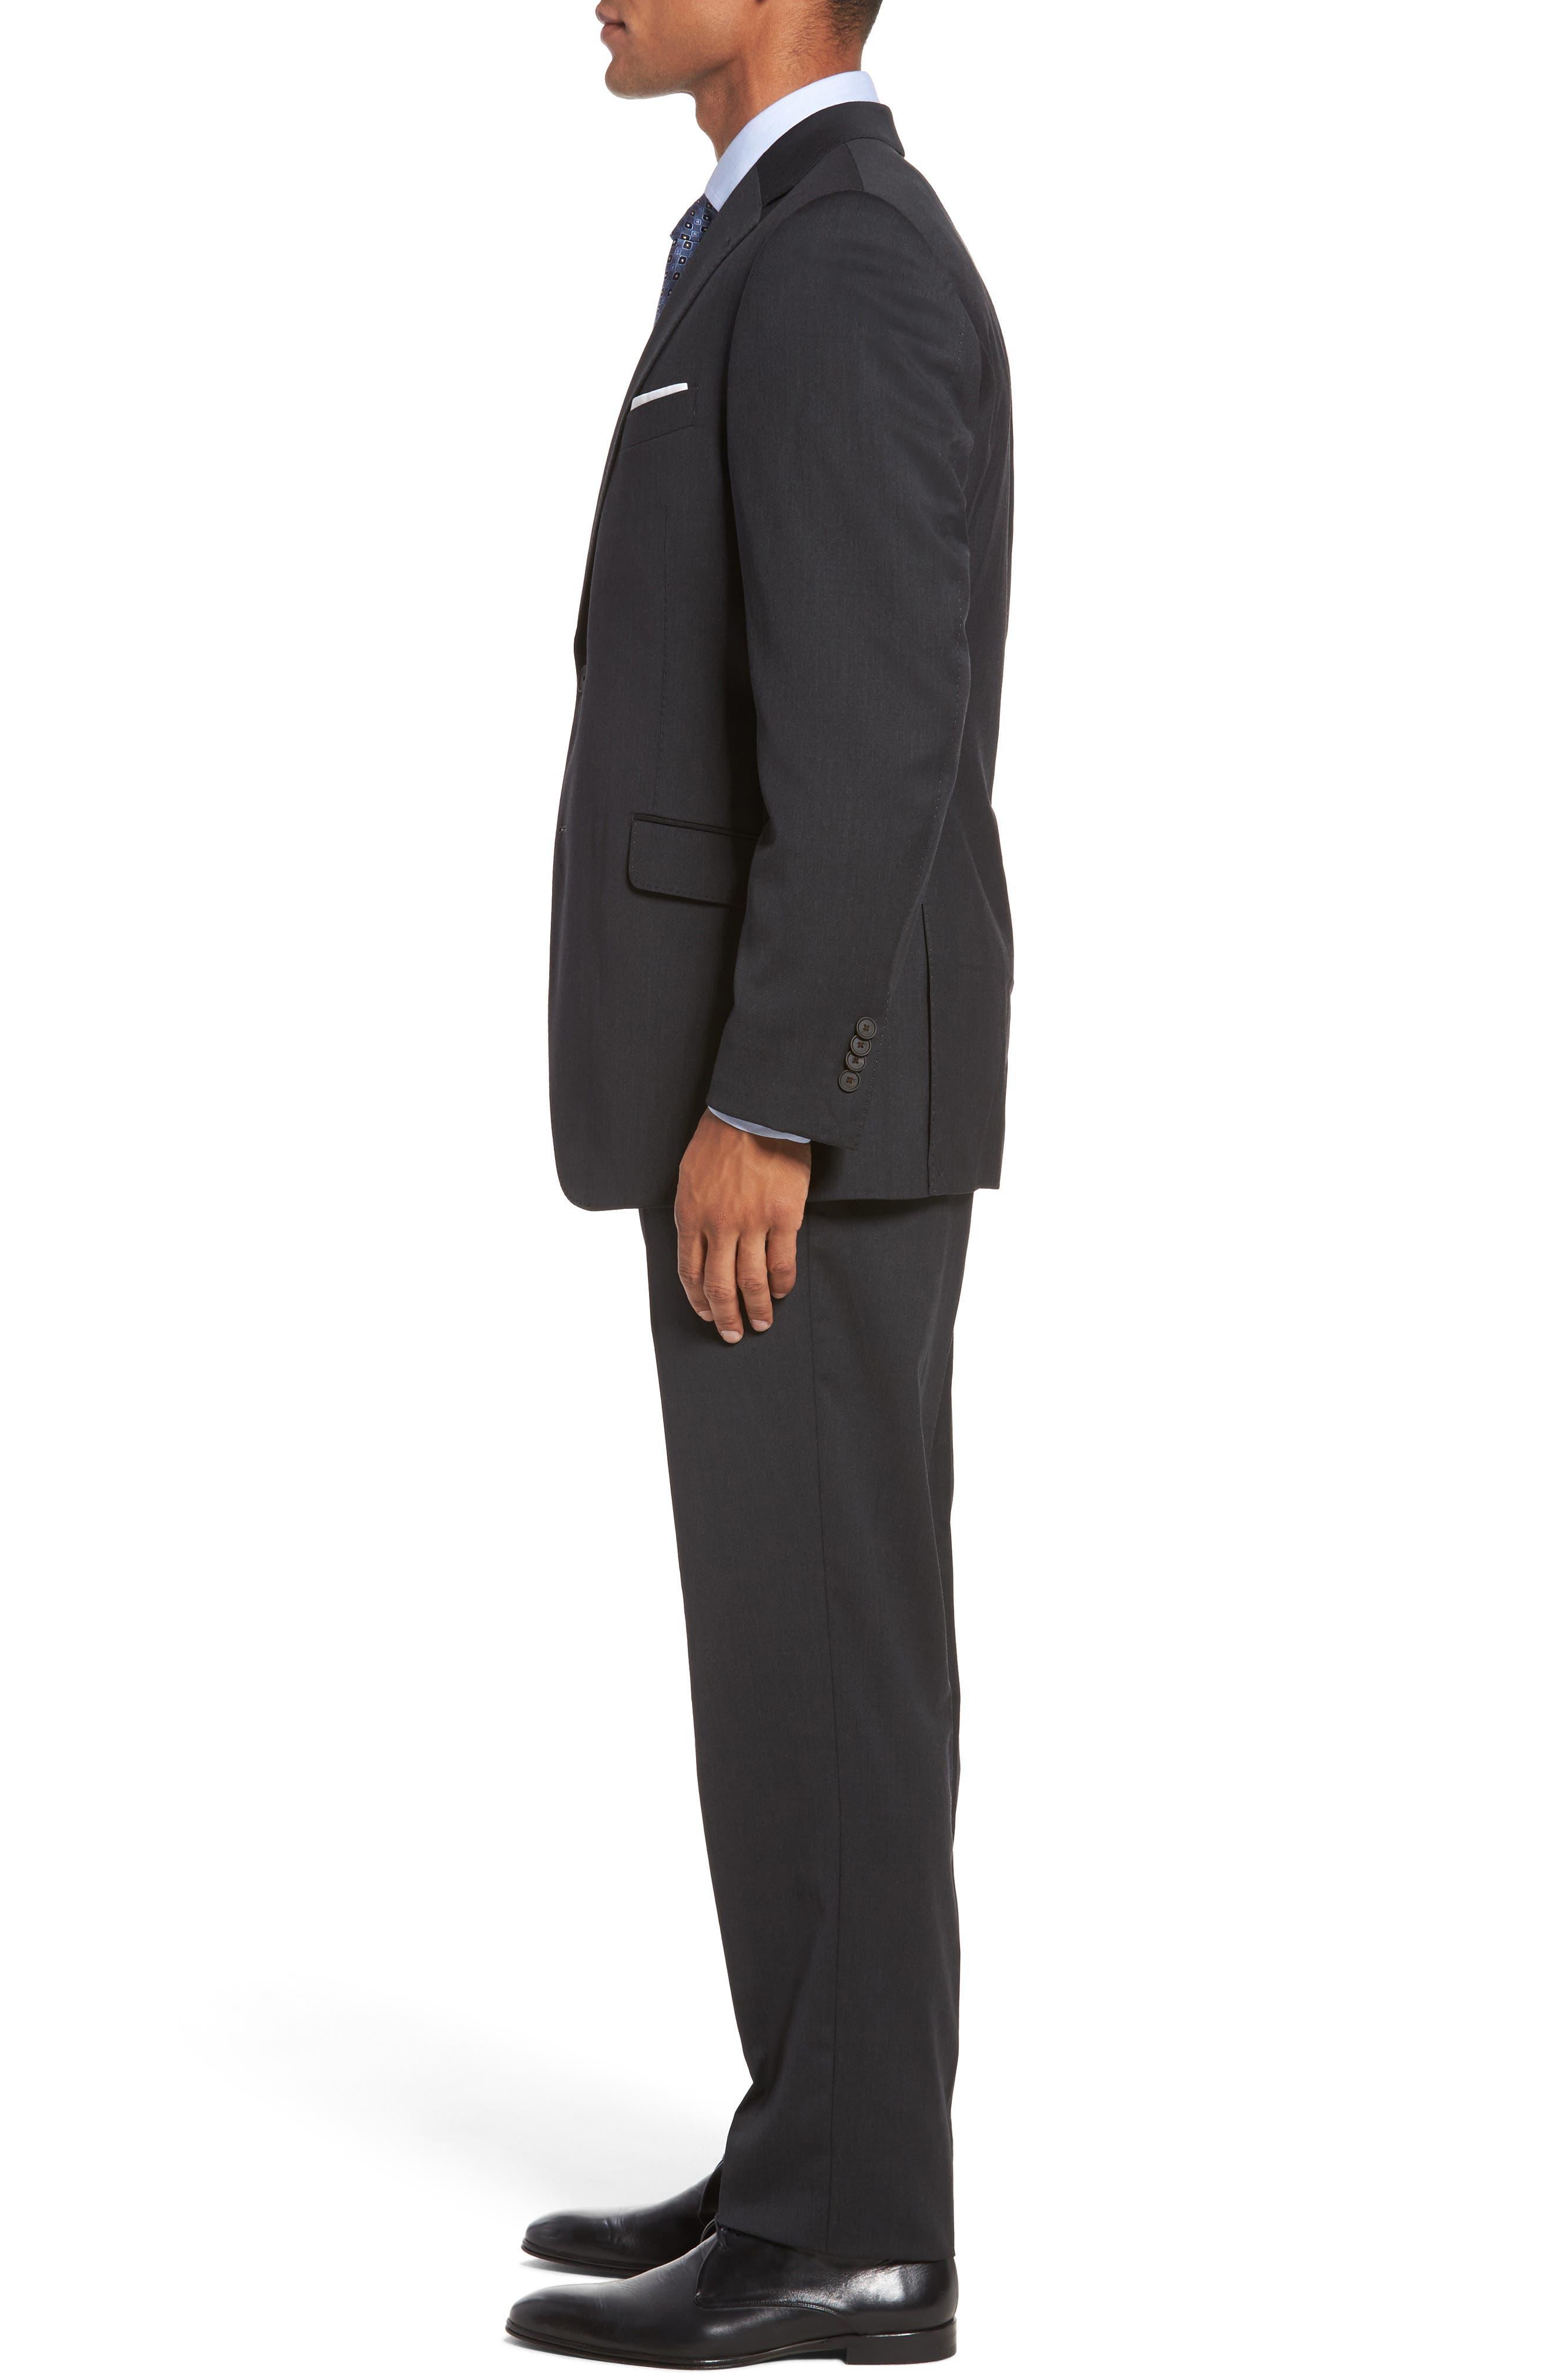 Keidis Aim Classic Fit Stretch Wool Suit,                             Alternate thumbnail 3, color,                             014